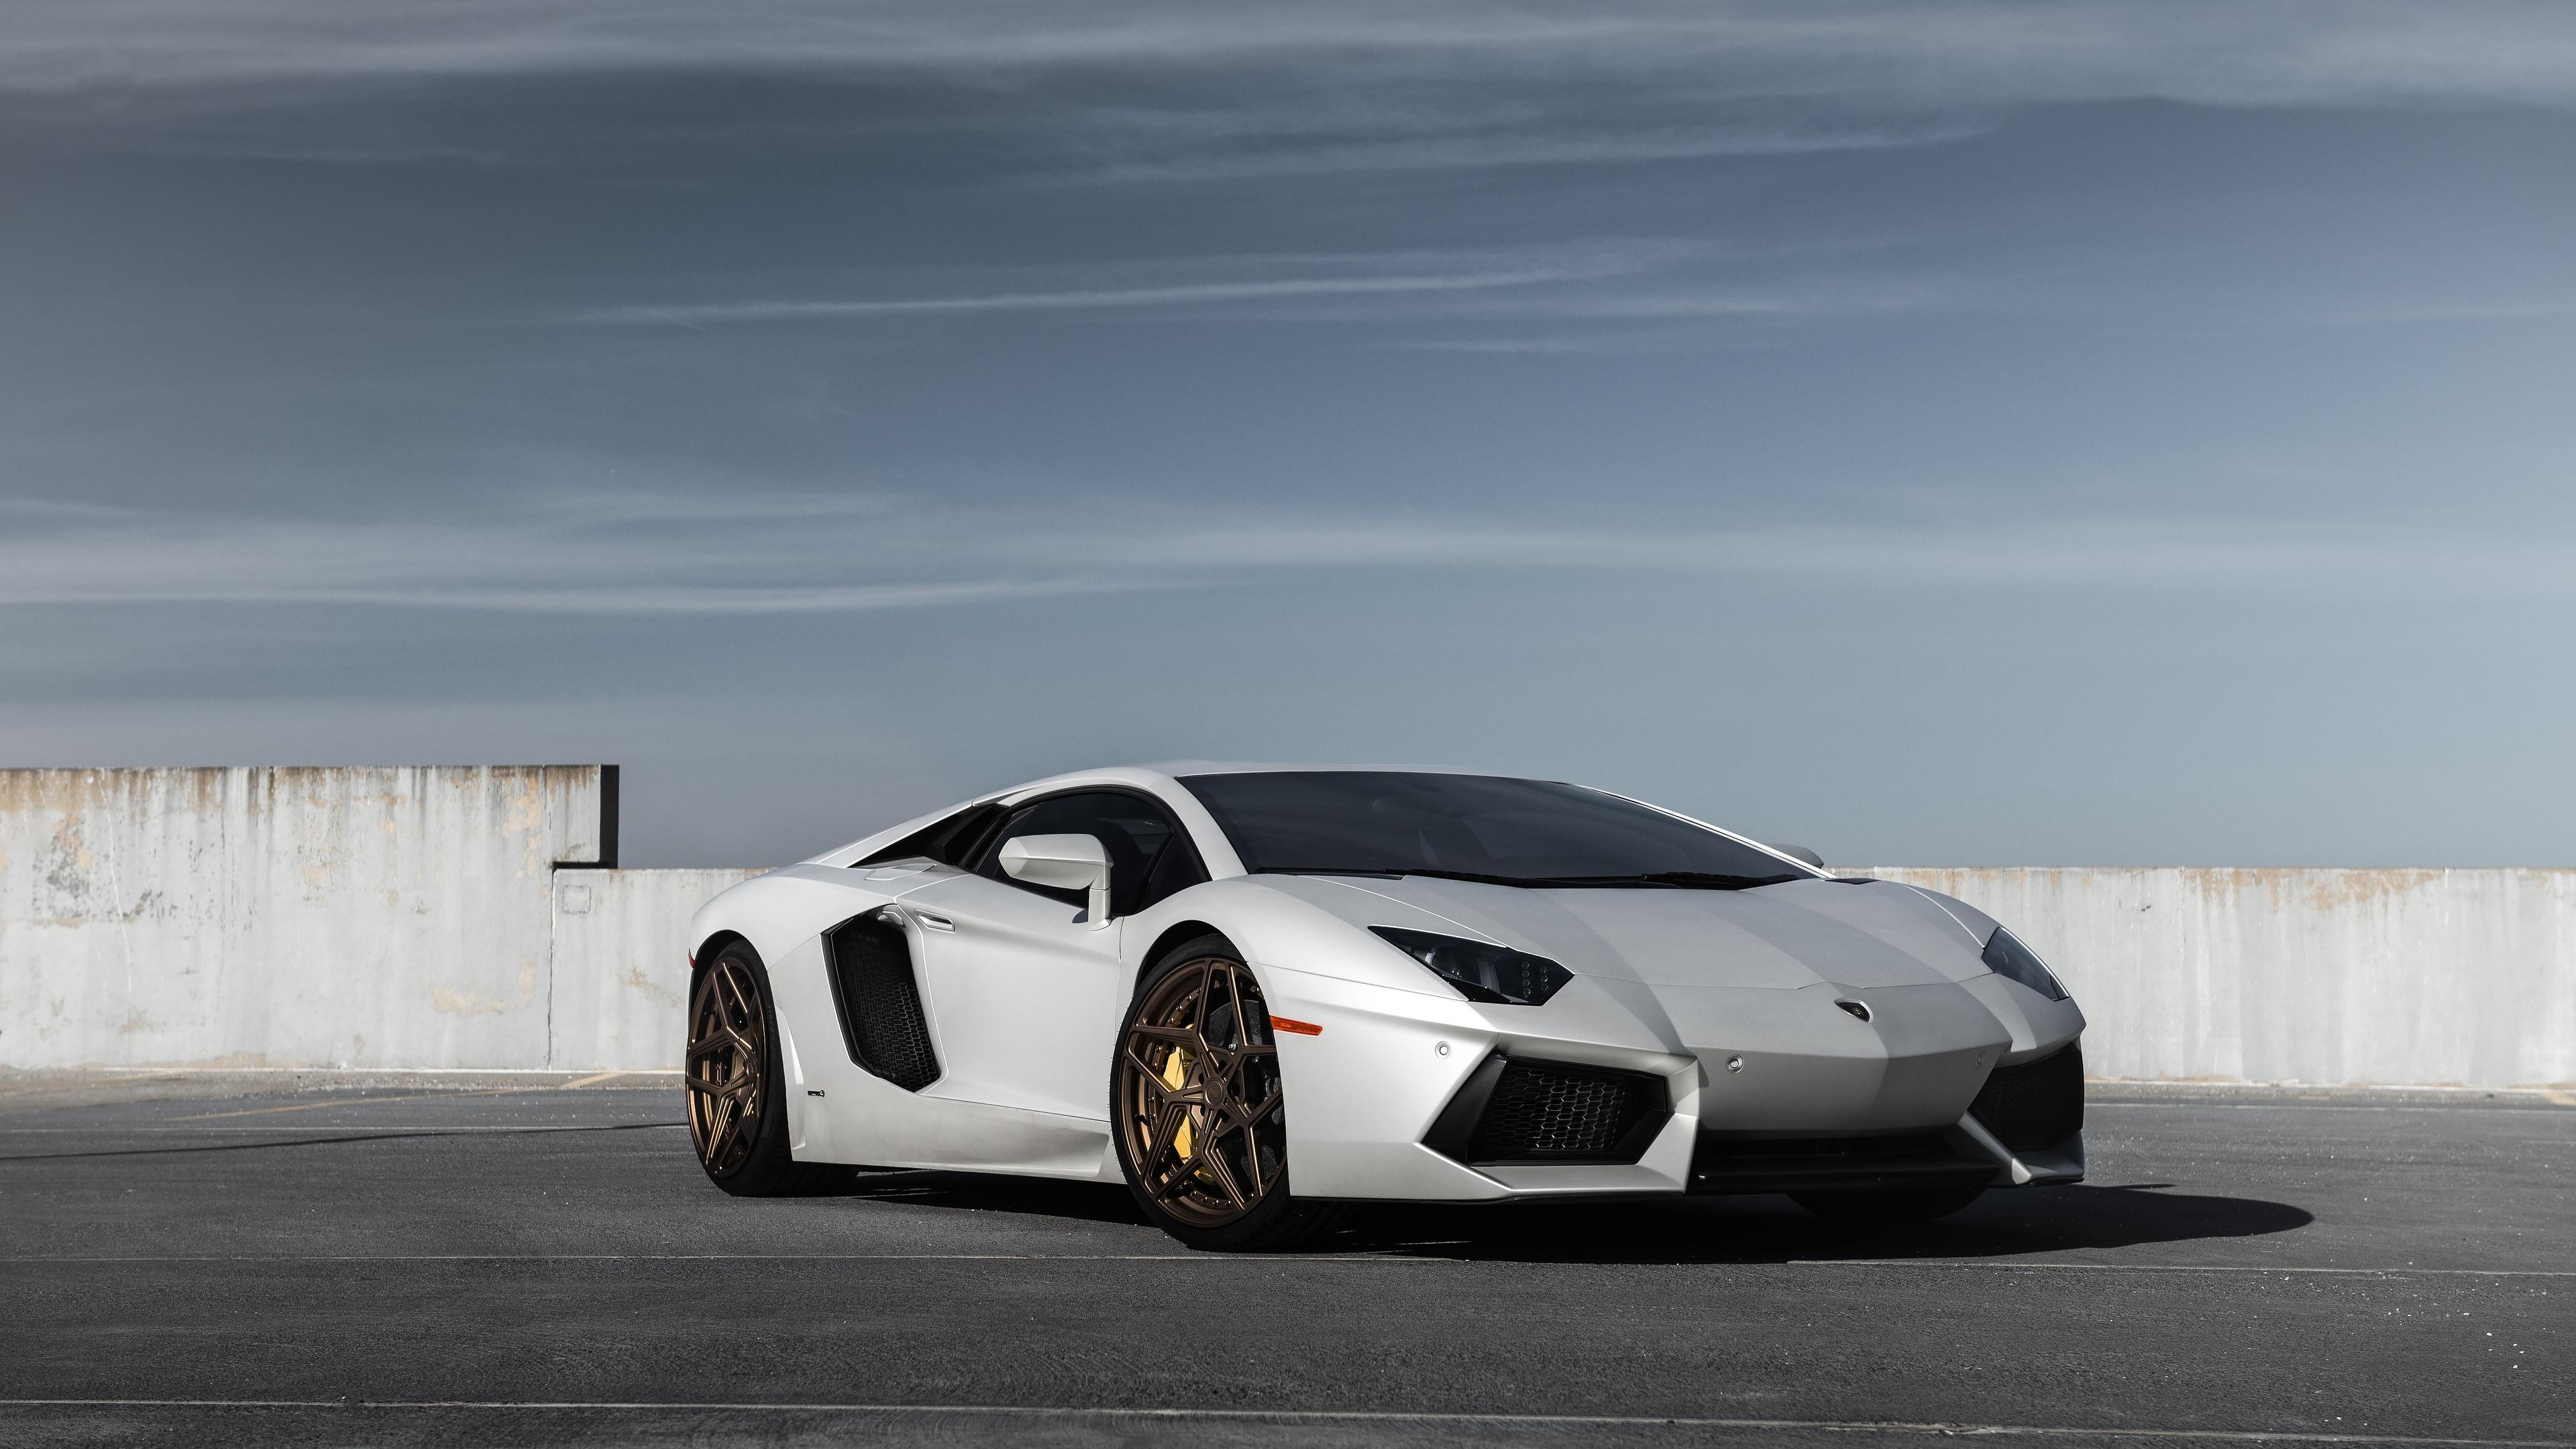 lamborghini aventador 5k 1539110328 - Lamborghini Aventador 5k - lamborghini wallpapers, lamborghini aventador wallpapers, hd-wallpapers, cars wallpapers, 5k wallpapers, 4k-wallpapers